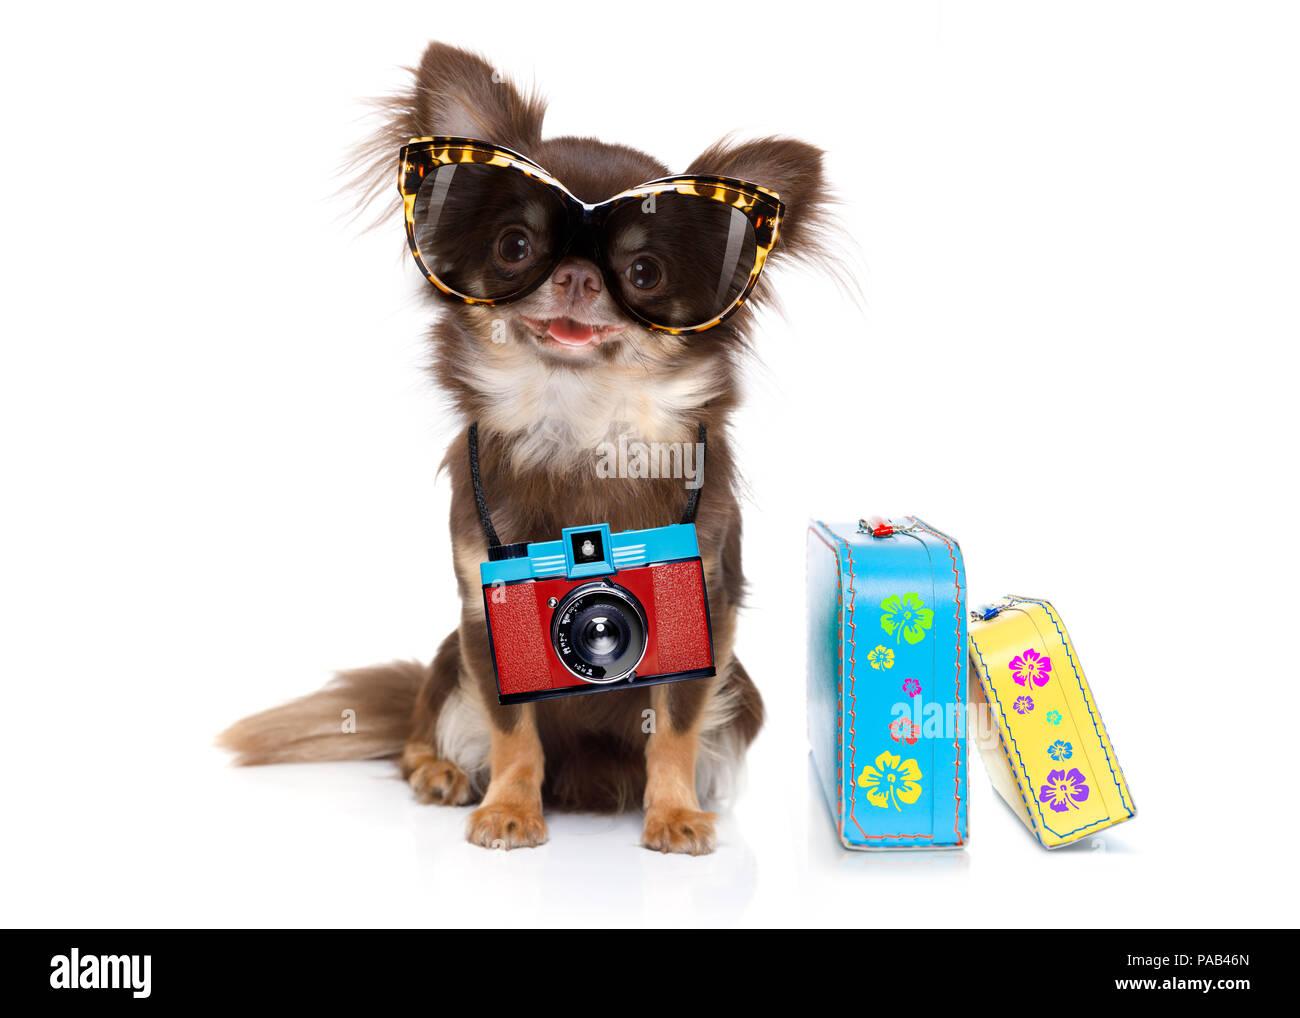 Chihuahua Hund suchen so cool mit Sonnenbrille und Foto Kamera bereit für den Sommer Urlaub, mit dem Gepäck auf weißem Hintergrund isoliert Stockfoto